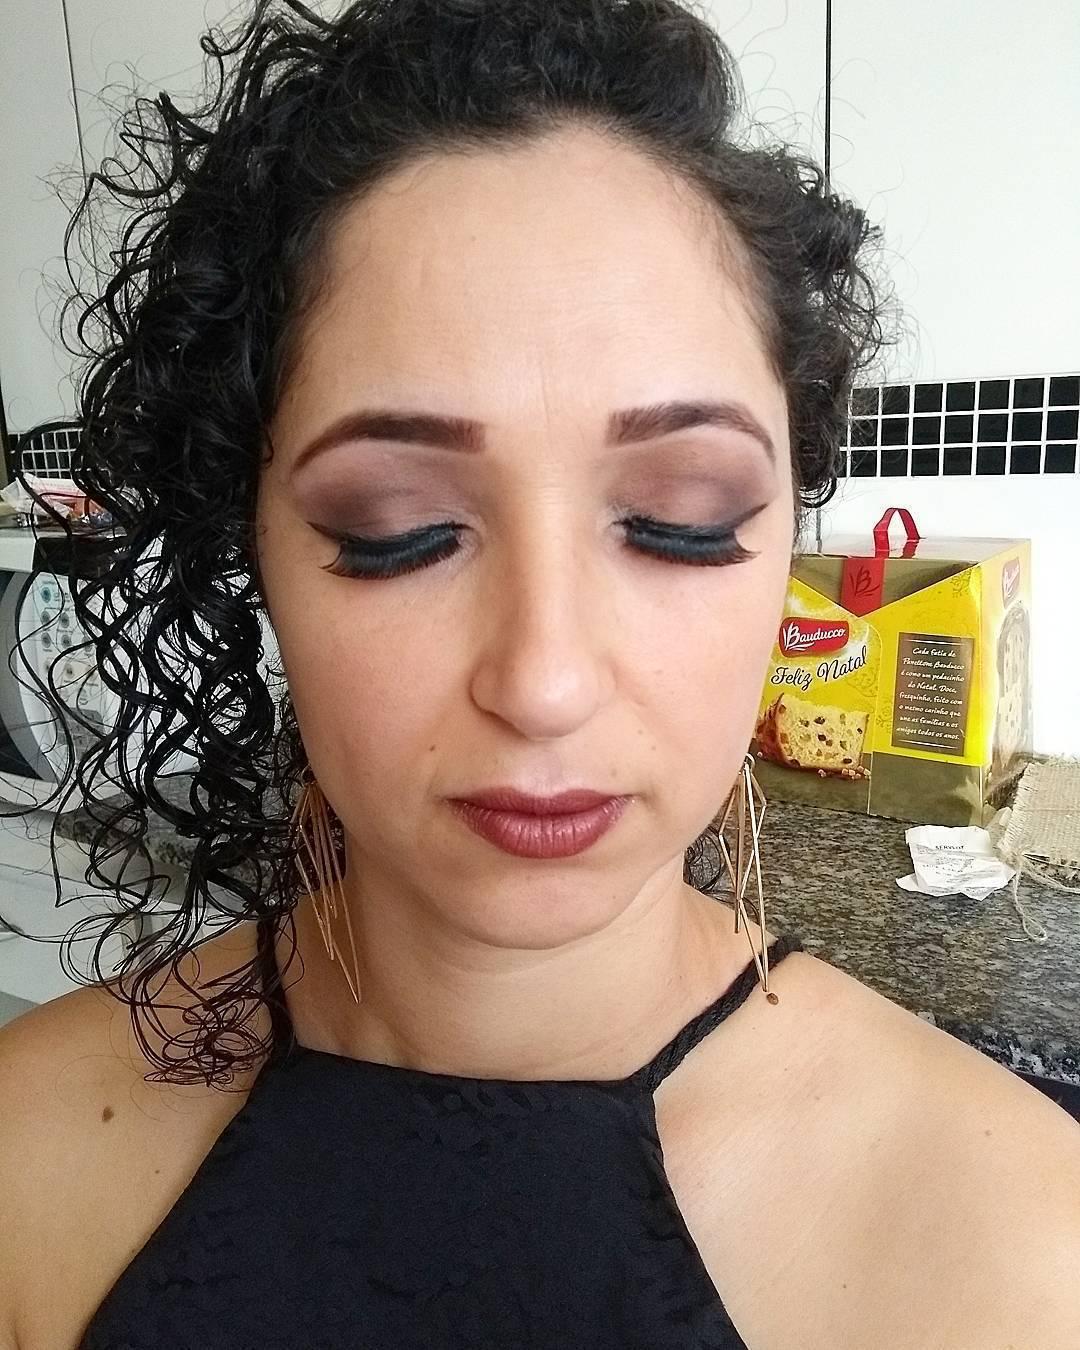 Cabelo e maquiagem jeitos por mim #aspiranteacabeleireira #hair #makeup maquiagem auxiliar cabeleireiro(a) auxiliar administrativo manicure e pedicure